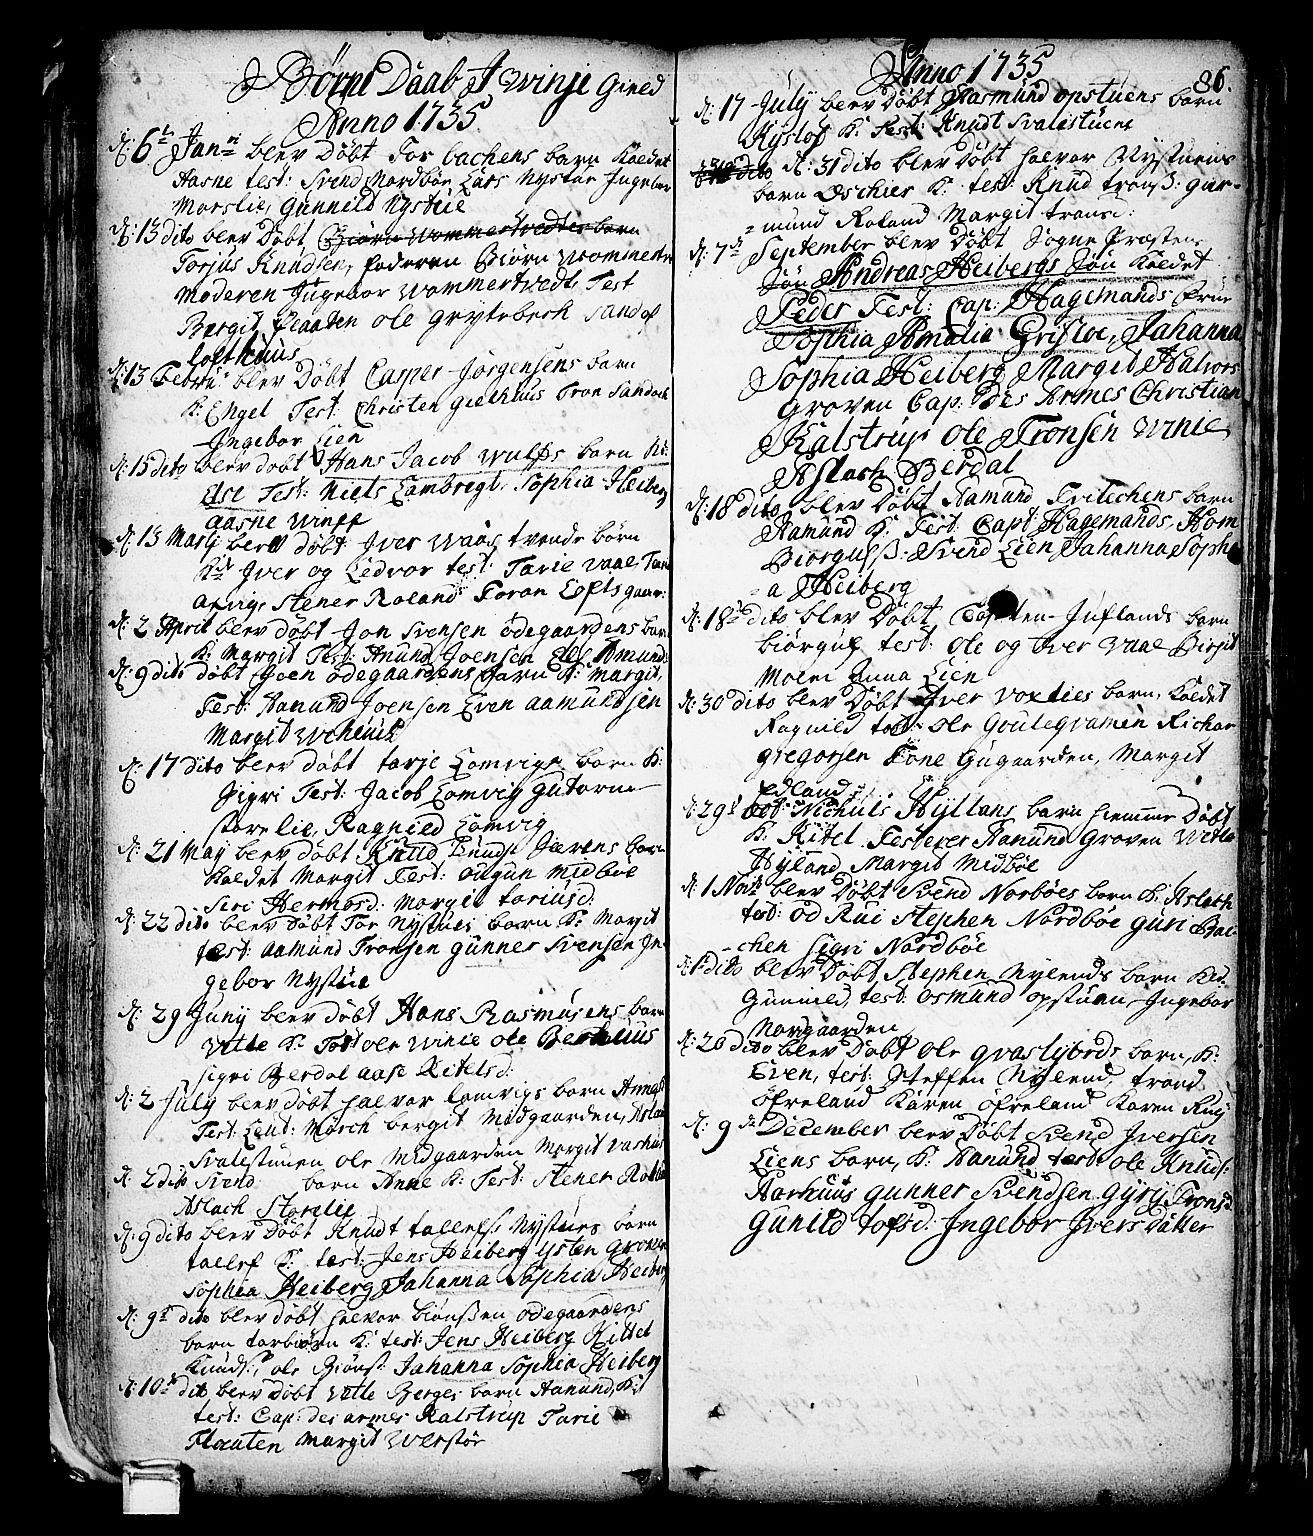 SAKO, Vinje kirkebøker, F/Fa/L0001: Ministerialbok nr. I 1, 1717-1766, s. 86